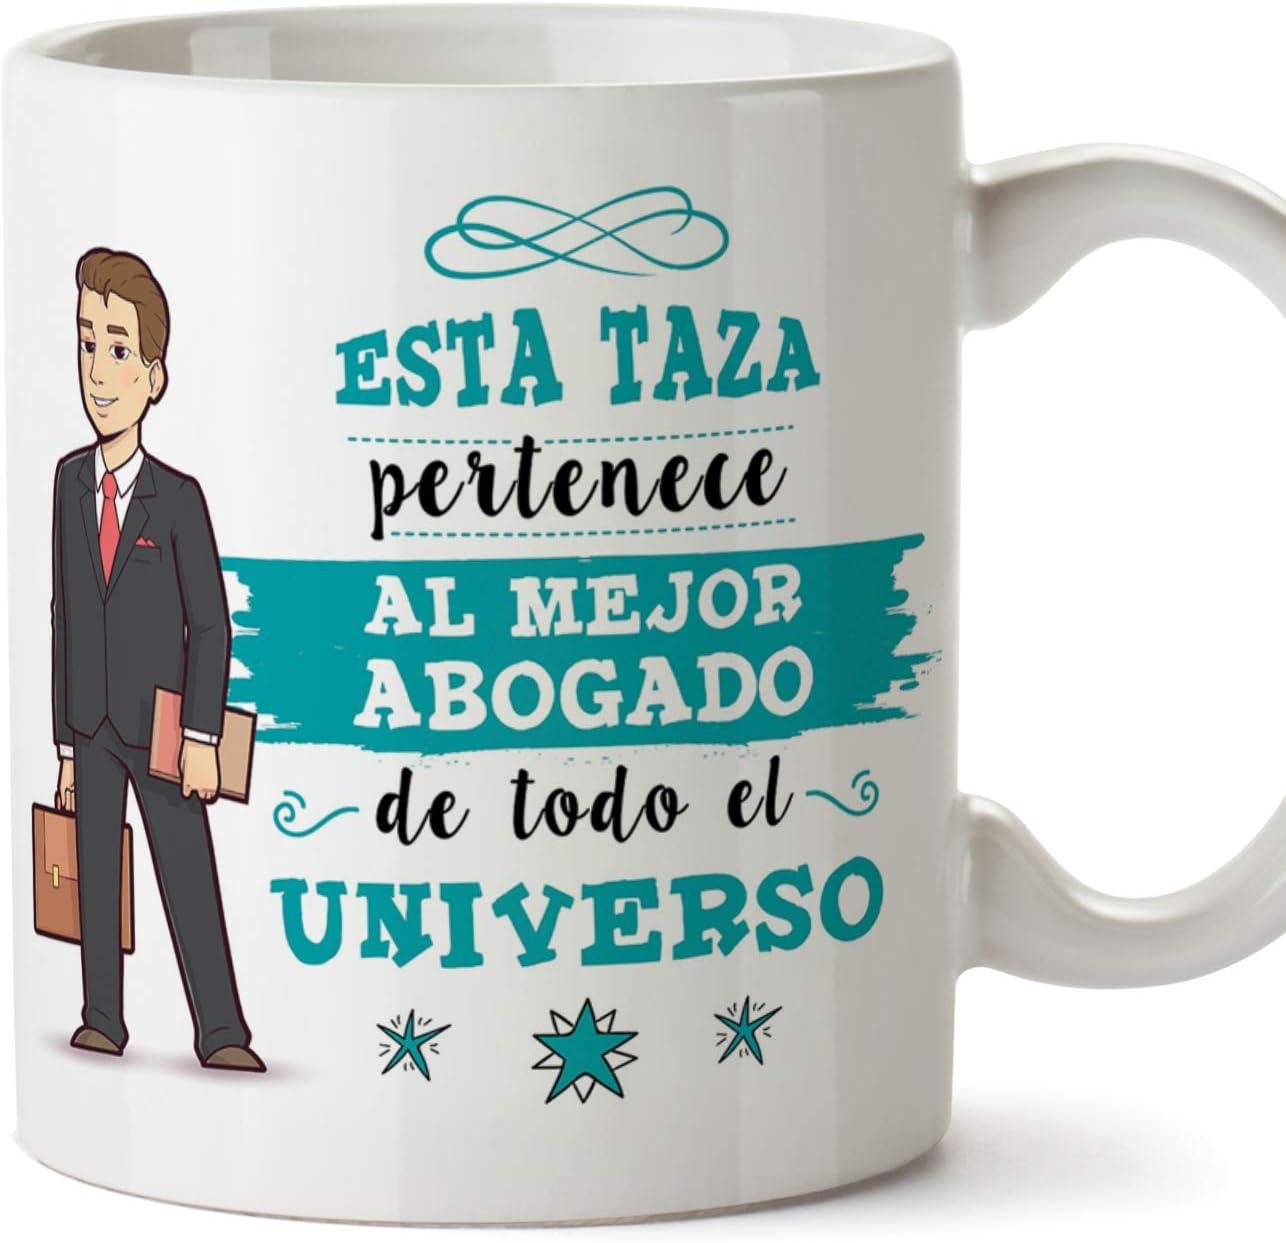 MUGFFINS Abogado Tazas Originales de café y Desayuno para Regalar a Trabajadores Profesionales - Esta Taza Pertenece al Mejor Abogado del Universo -: Amazon.es: Hogar